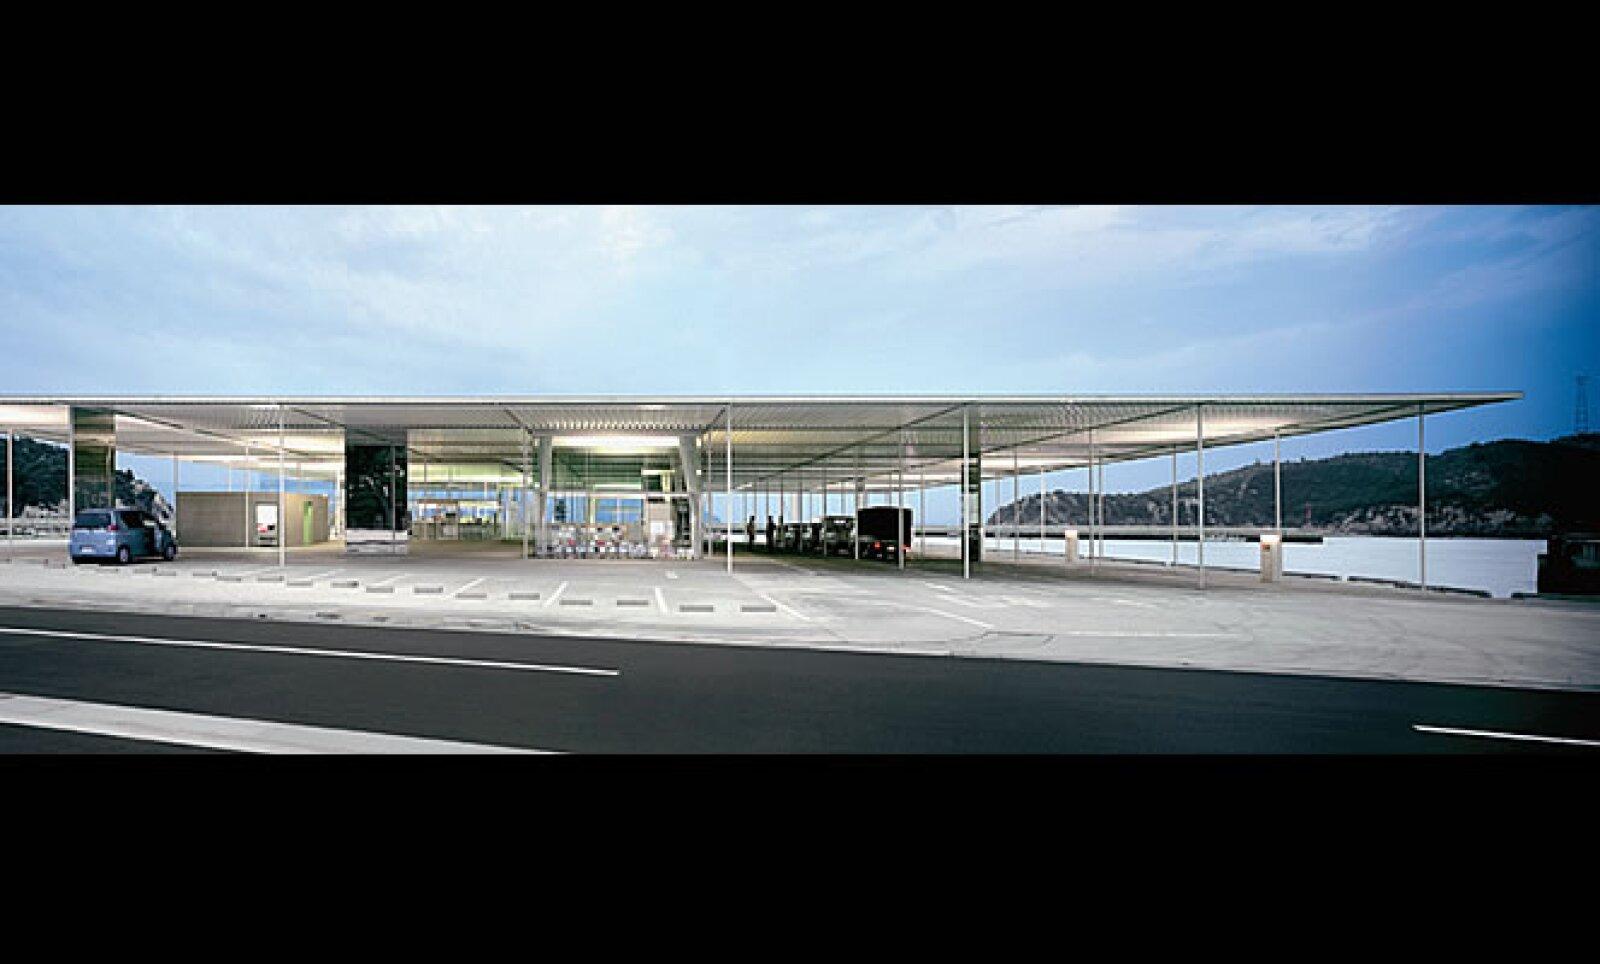 La terminal de ferry de Naoshima, Japón, refleja el interés de SANAA por lograr que sus edificios se adapten tanto al contexto en que se encuentran como a las actividades en su interior.